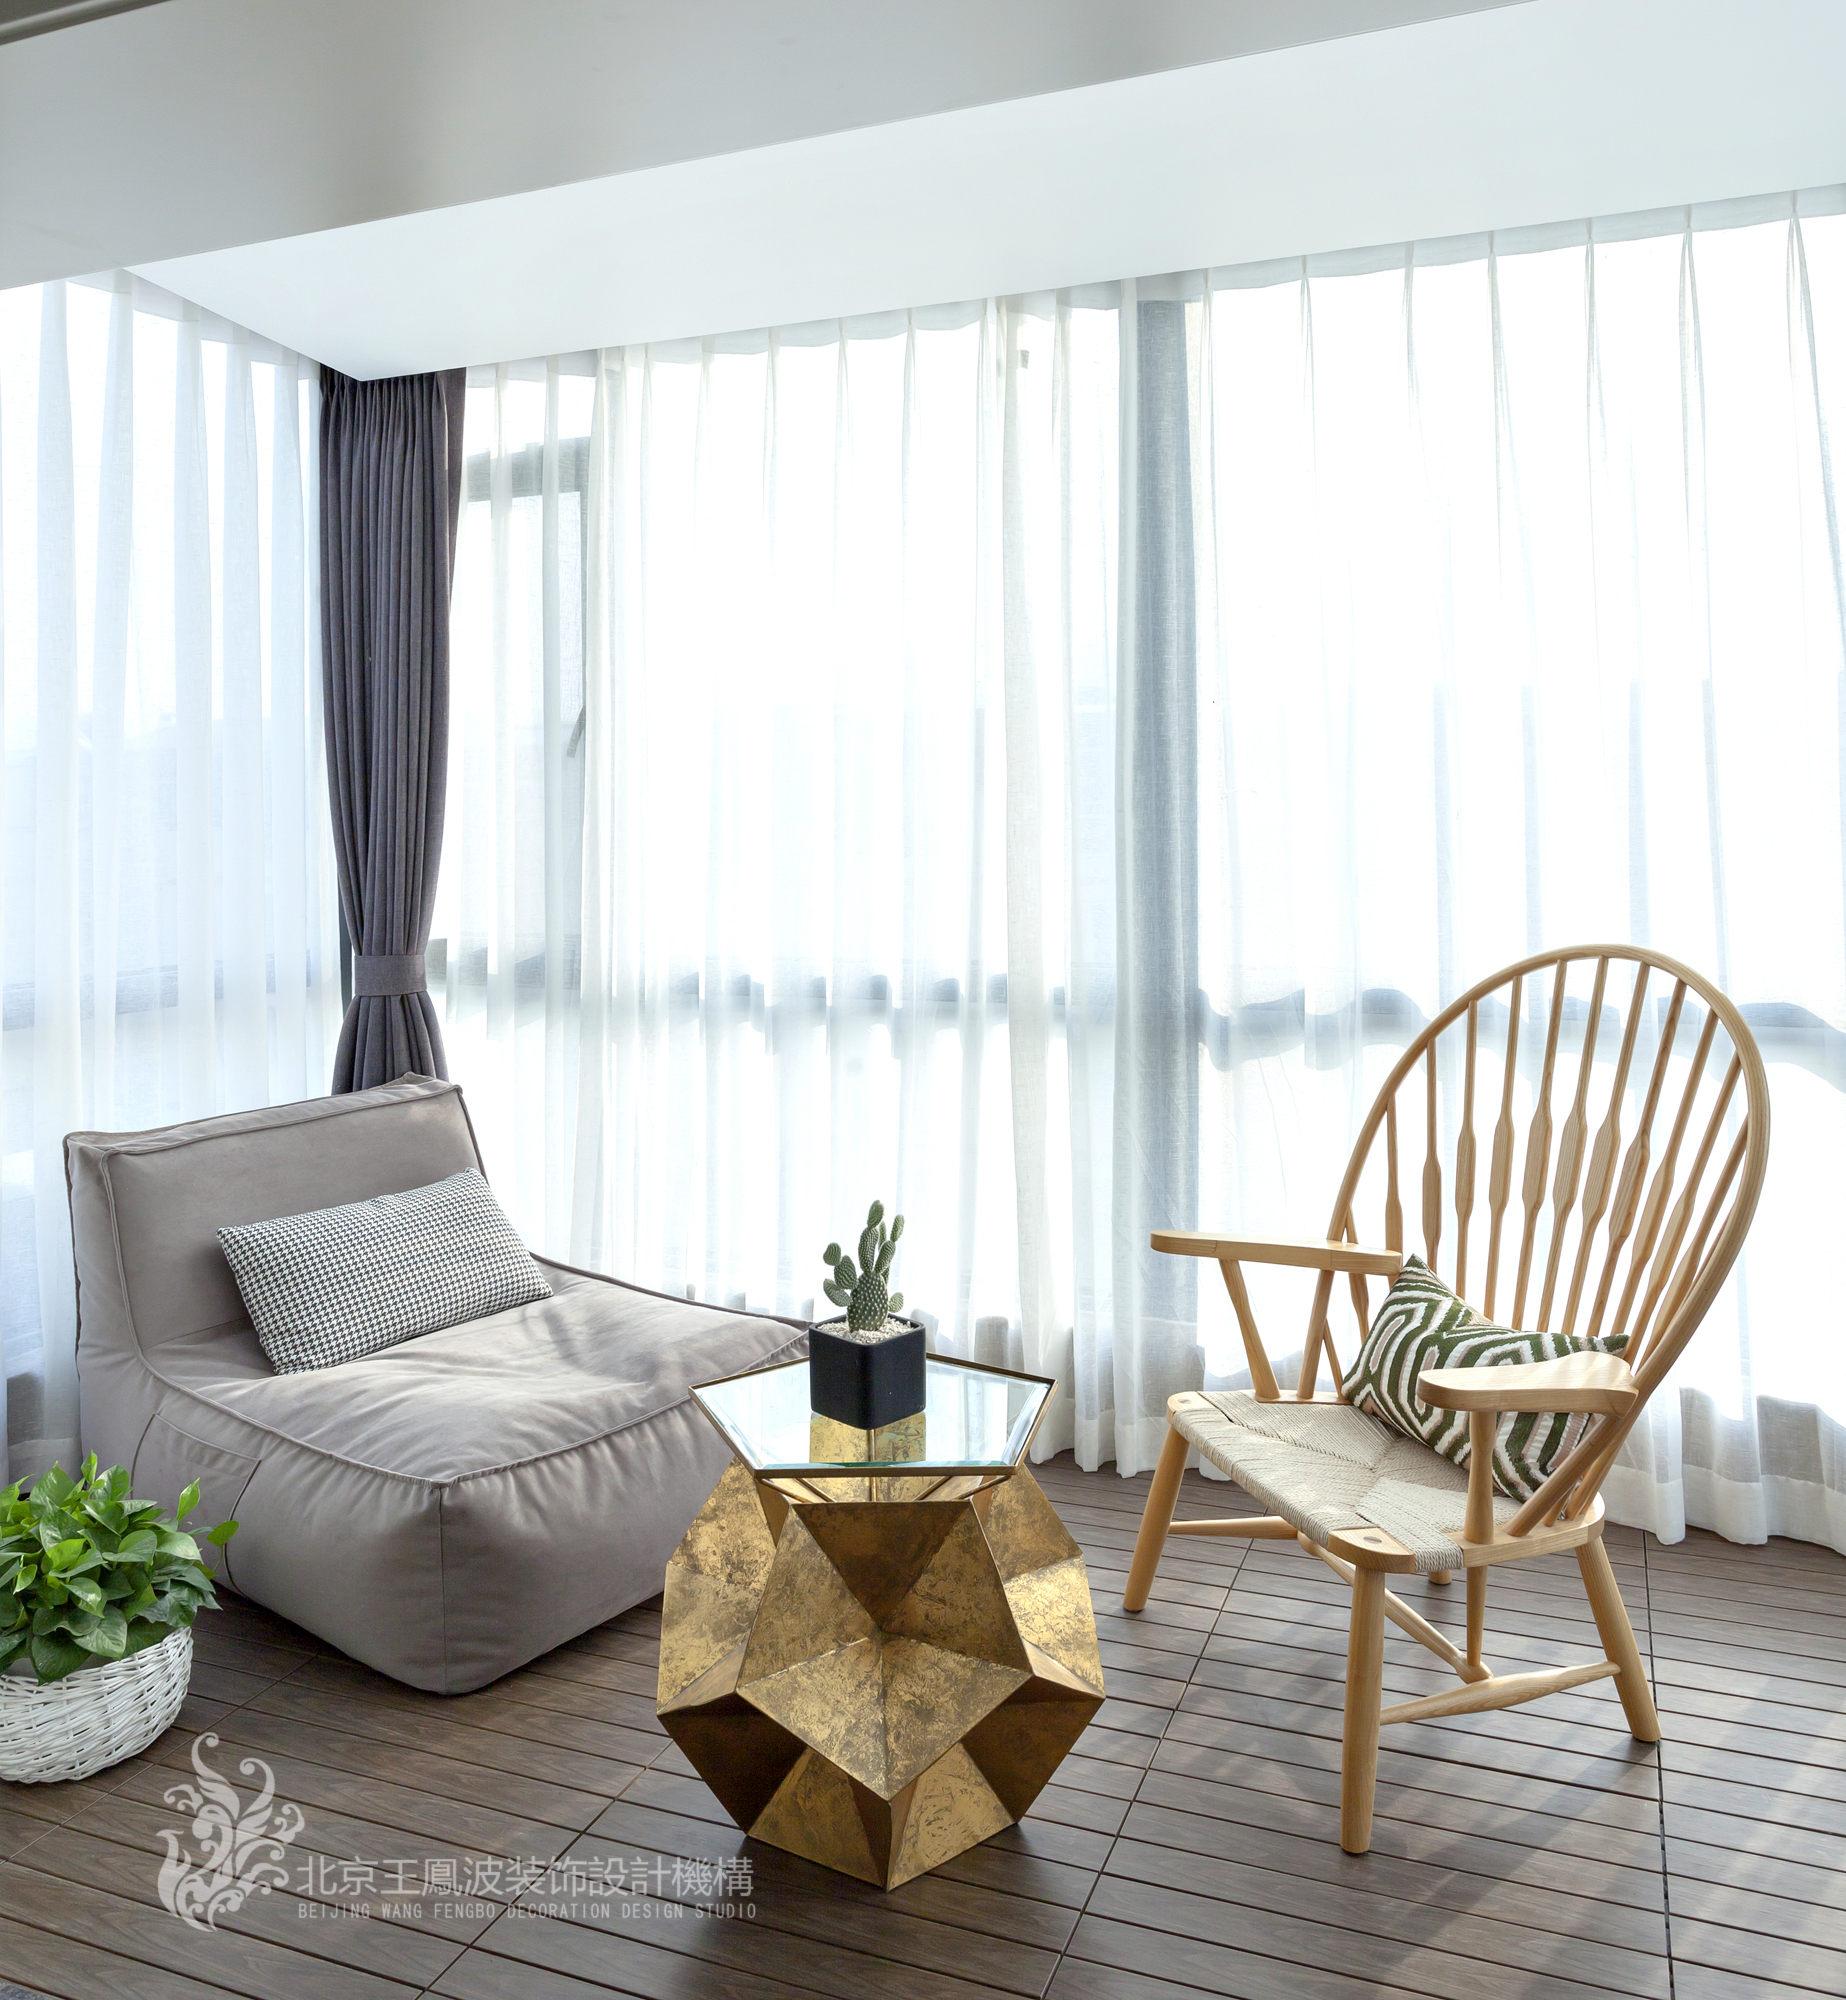 简约 三居 阳台图片来自爱窝窝精致家装机构在素木简约的家的分享